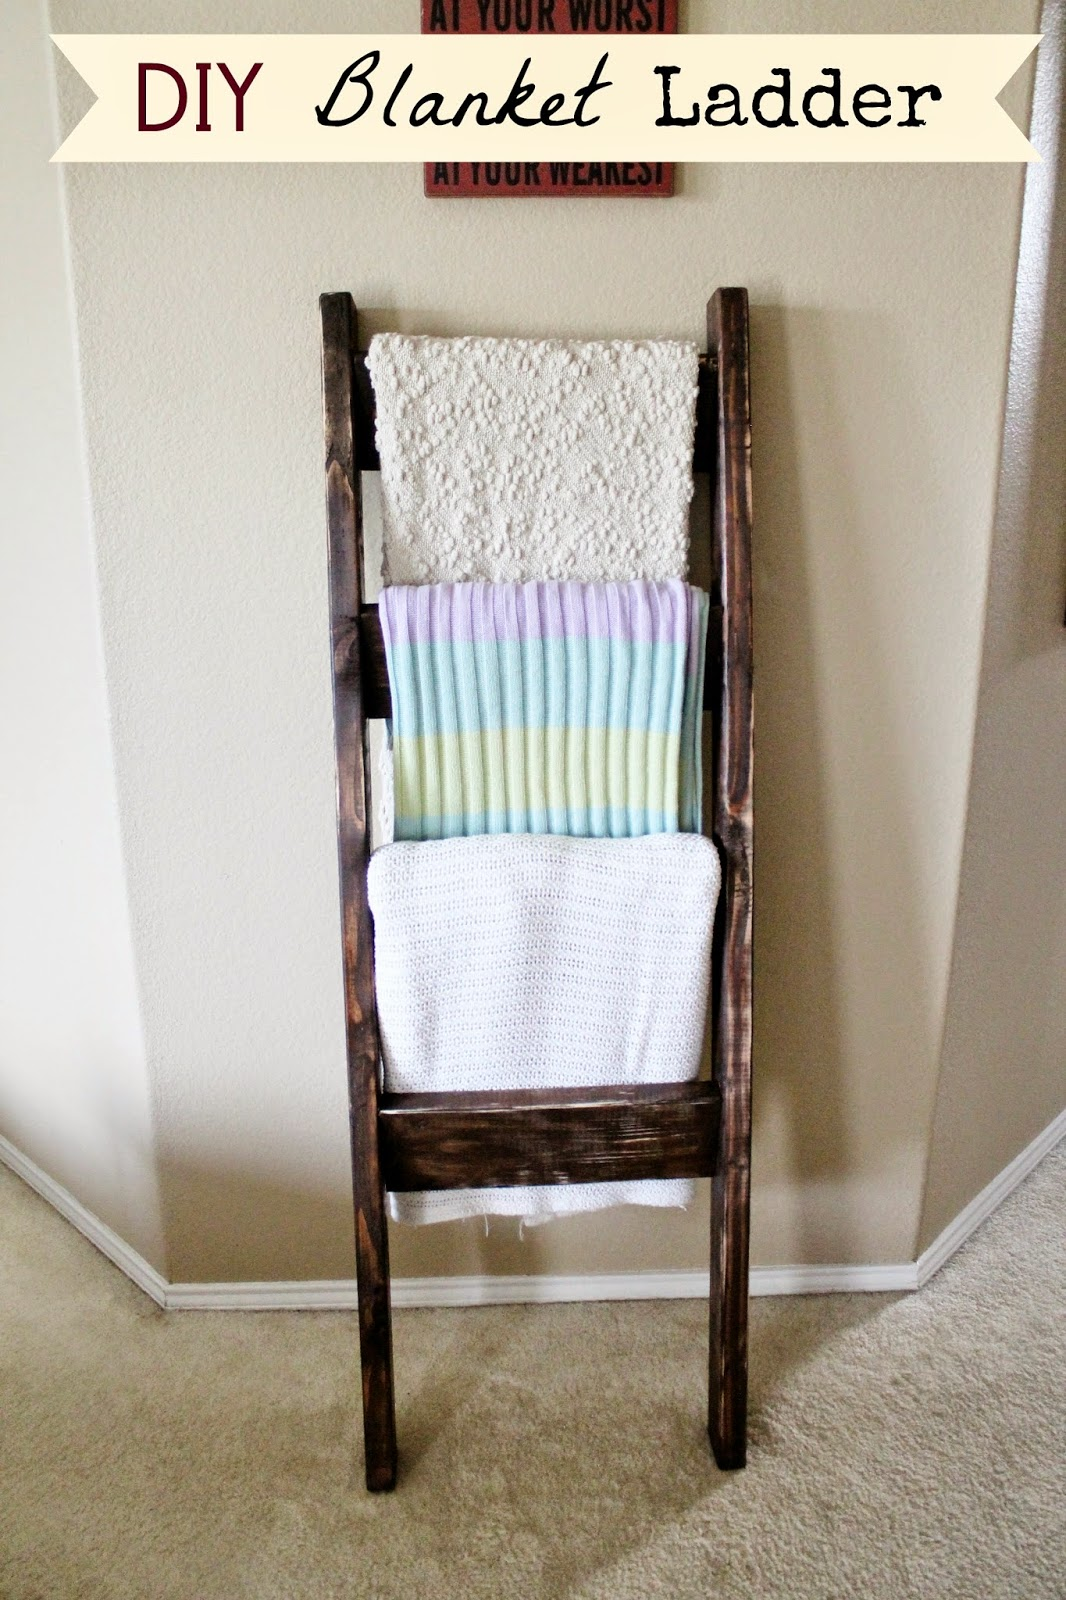 Diy Blanket Ladder Tucker Up Diy Blanket Ladder